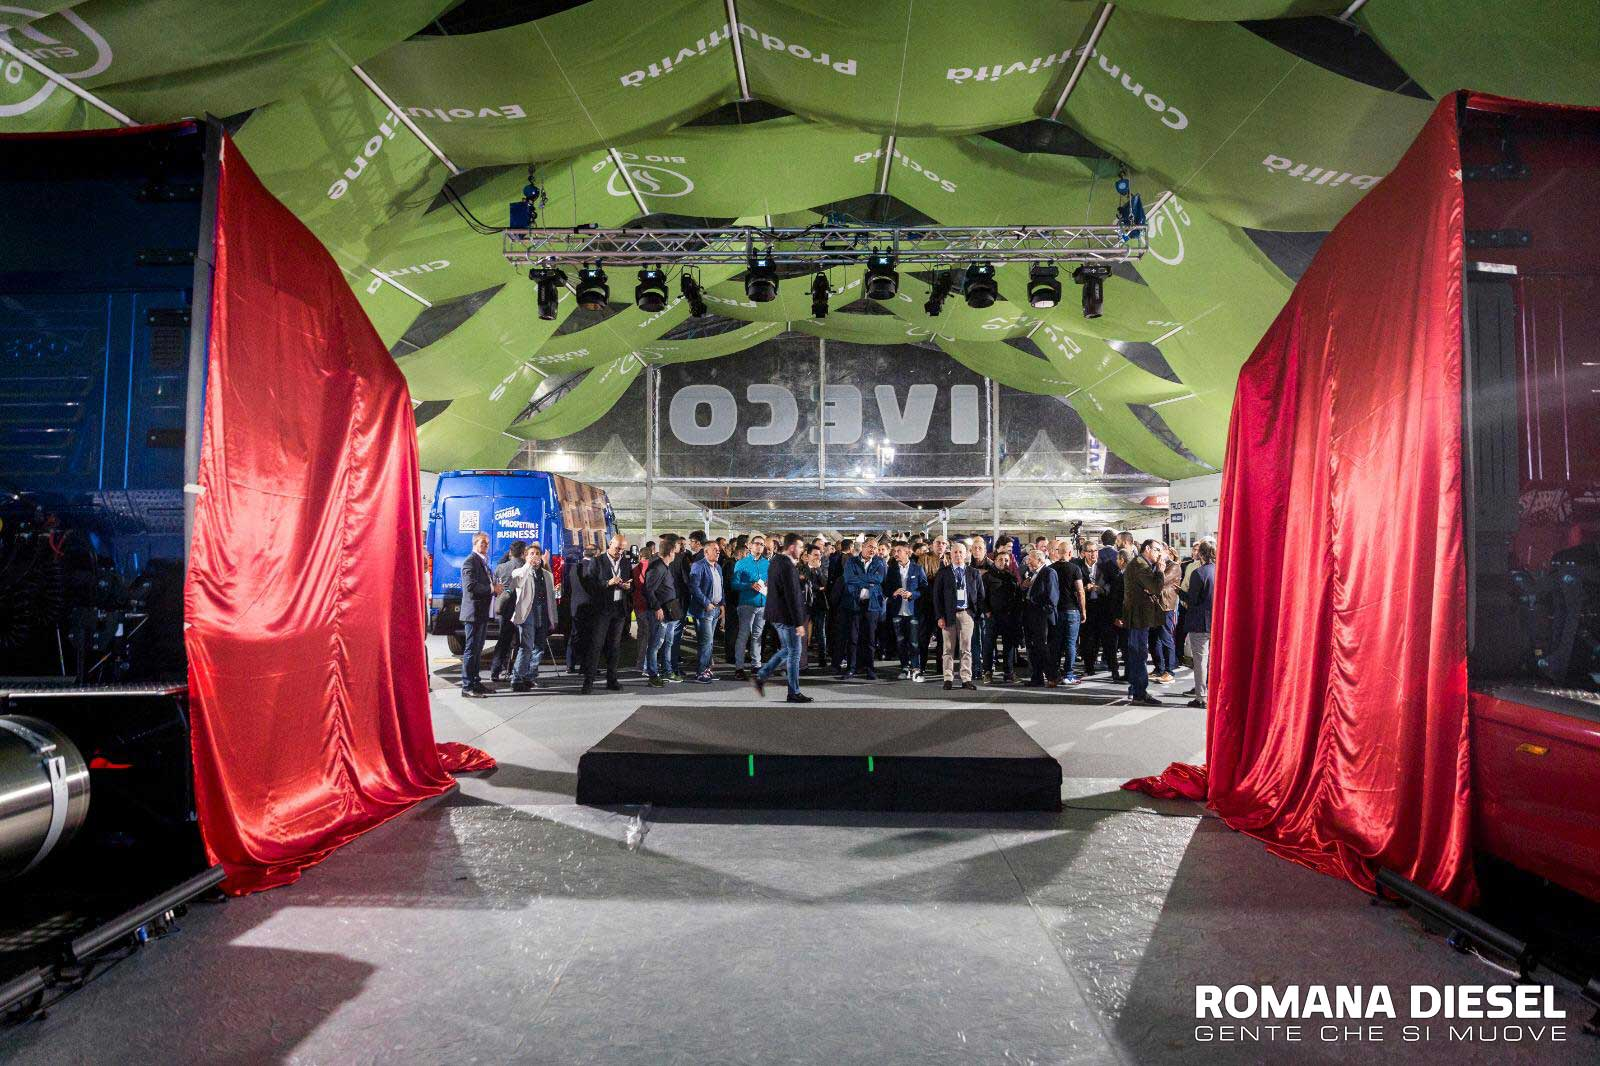 Romana Diesel October Truck Fest 2019 presentaziono nuovo IVECO S-WAY